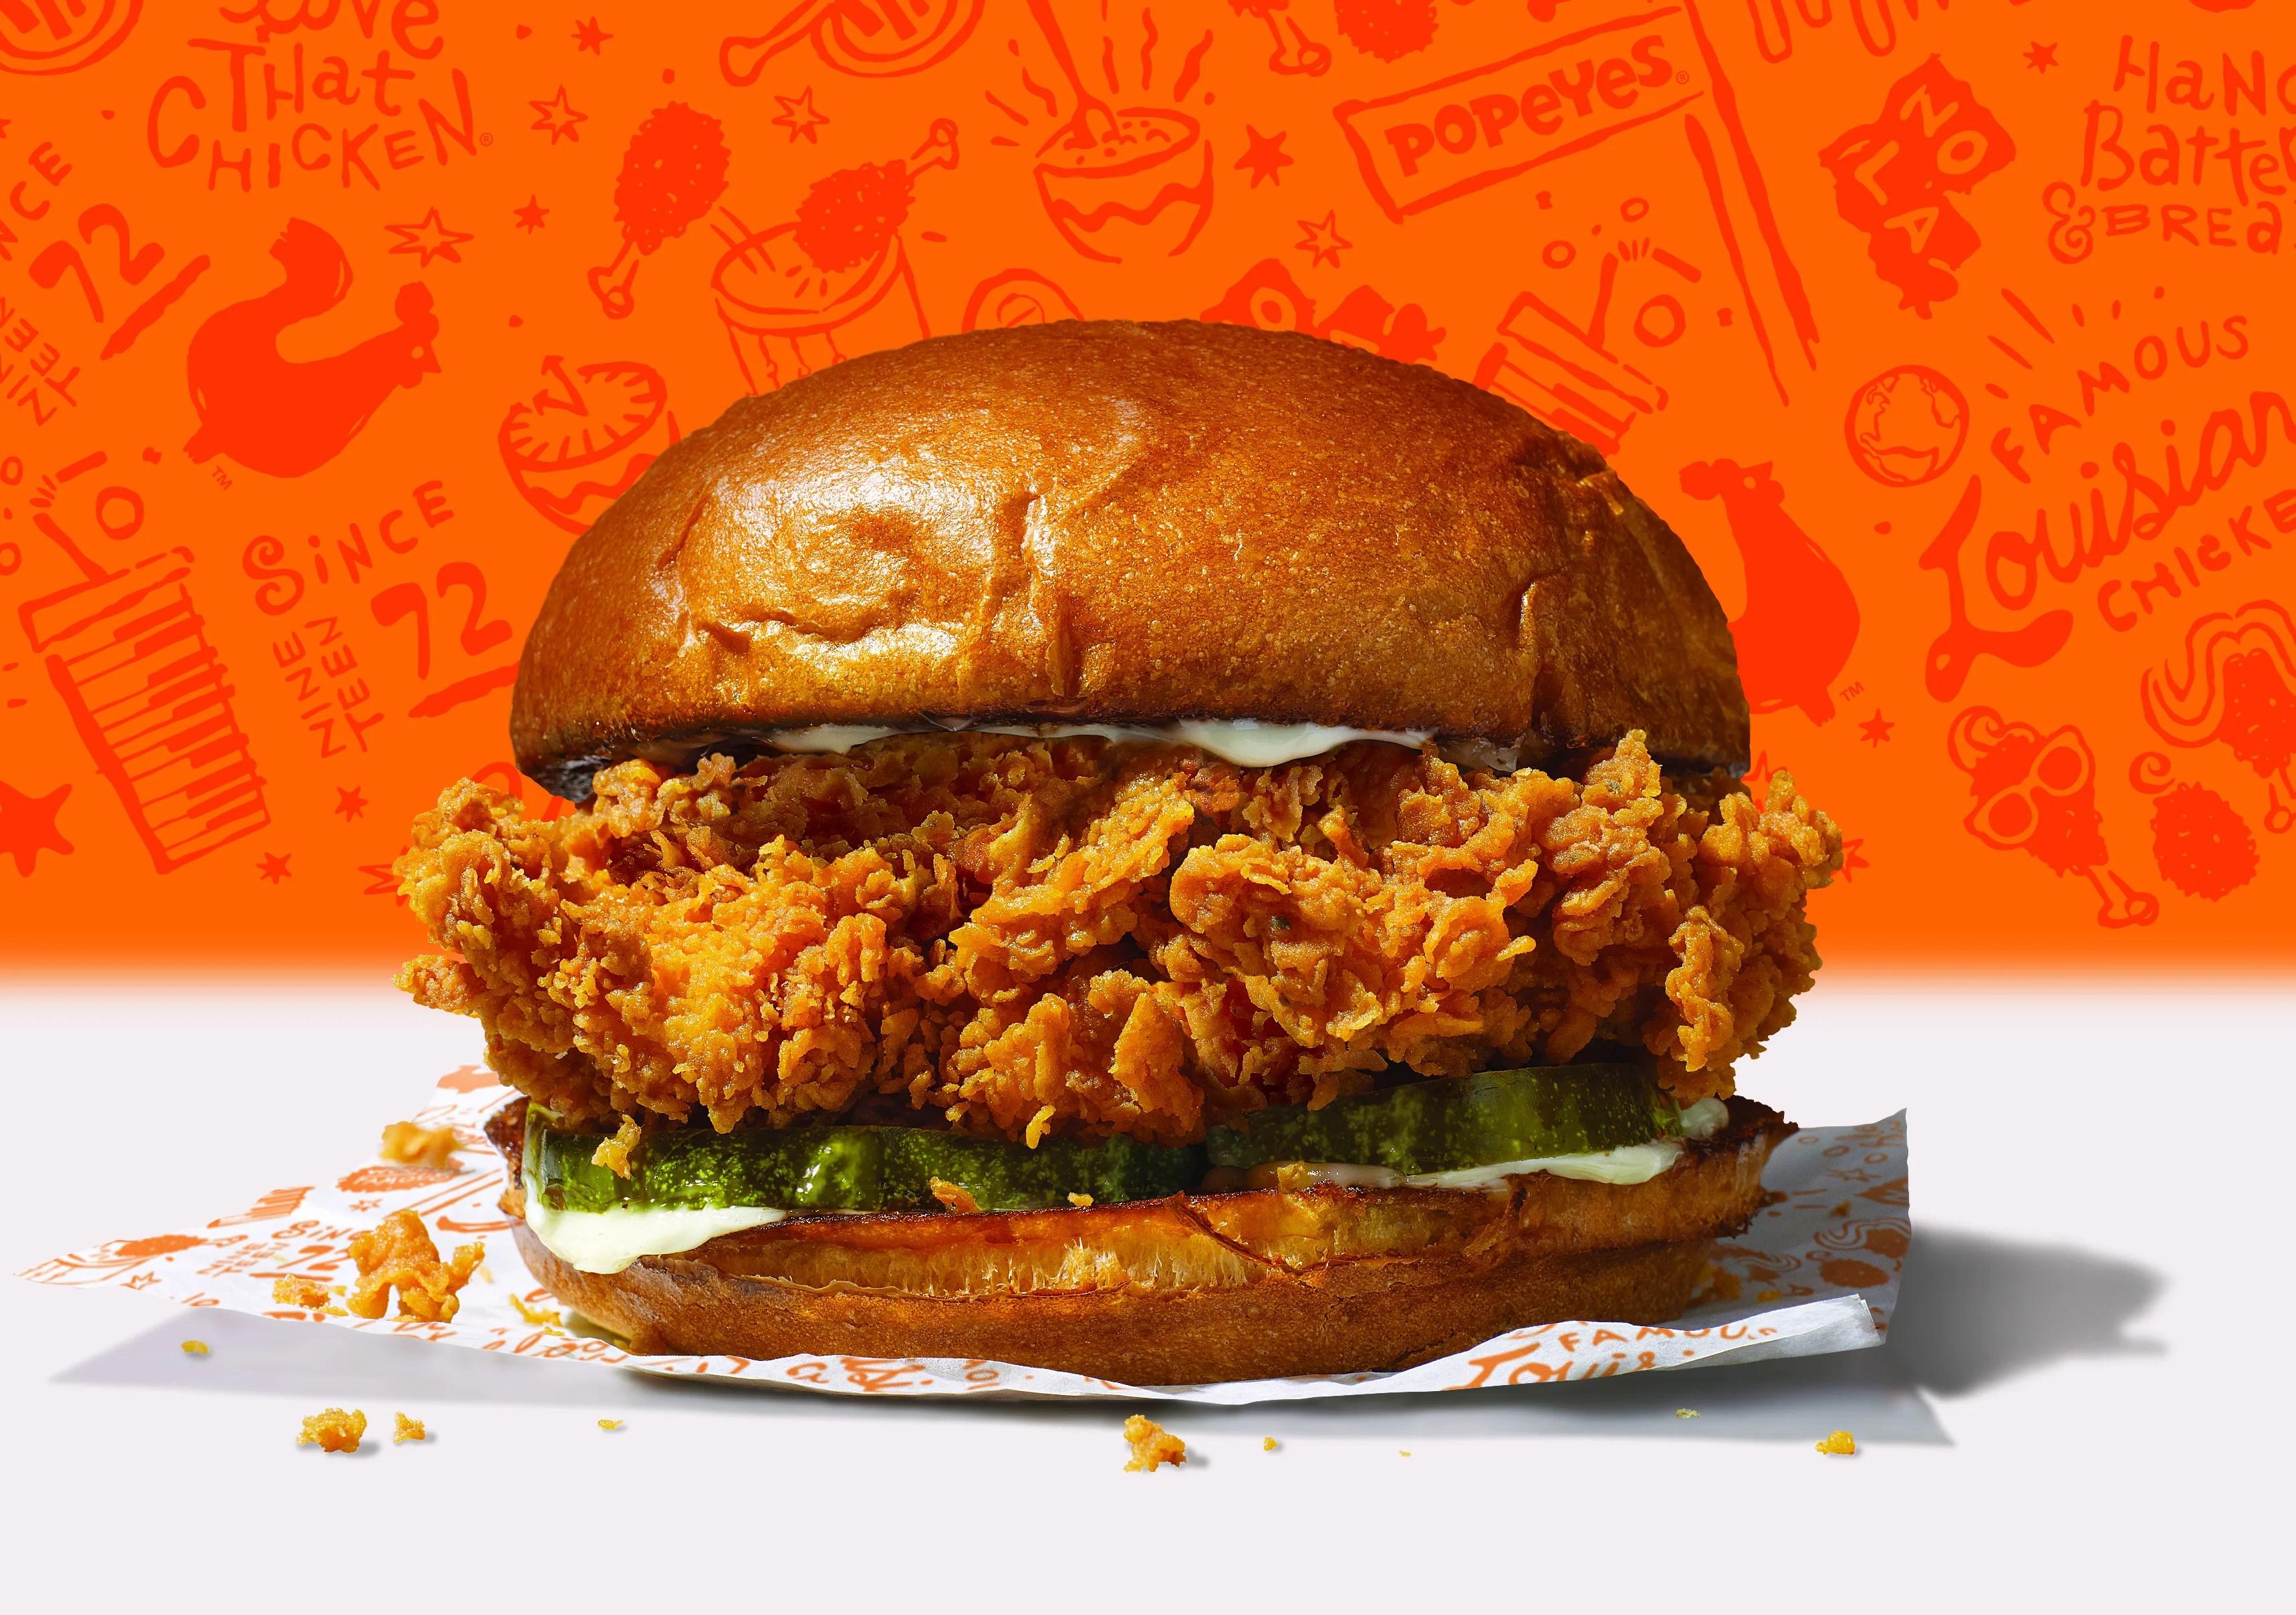 popeyes chicken sandwich Popeyes, Chick-fil-A, Wendy's chicken sandwiches: Battle